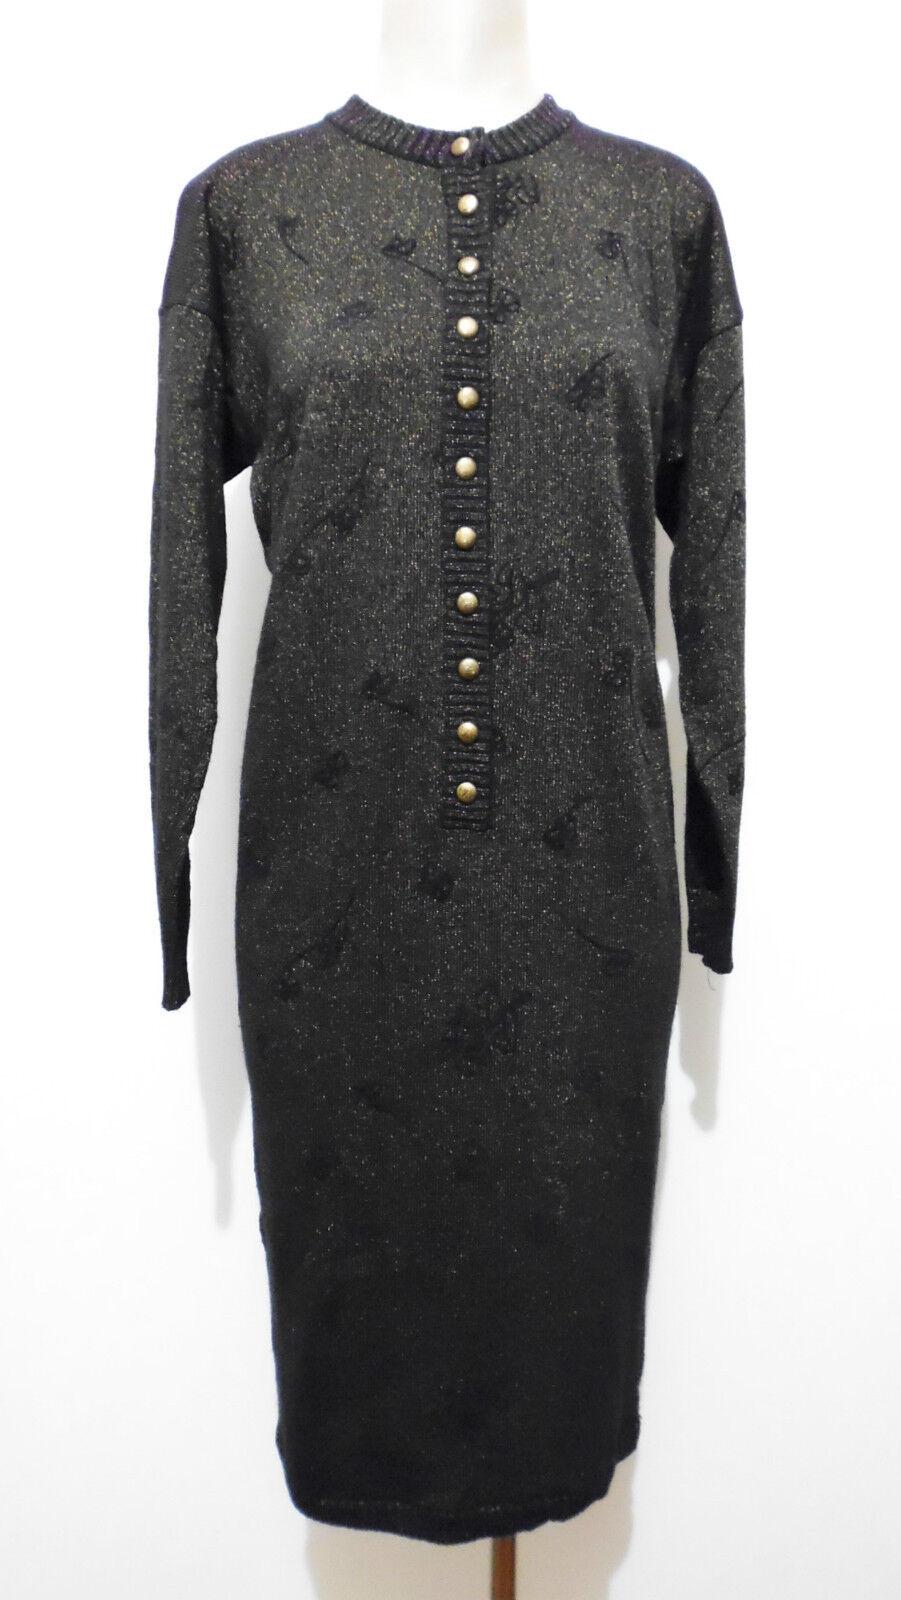 KRIZIA VINTAGE '80 Damenkleid Lurex Wolle Frau Wolle Kleid SZ. l - 46